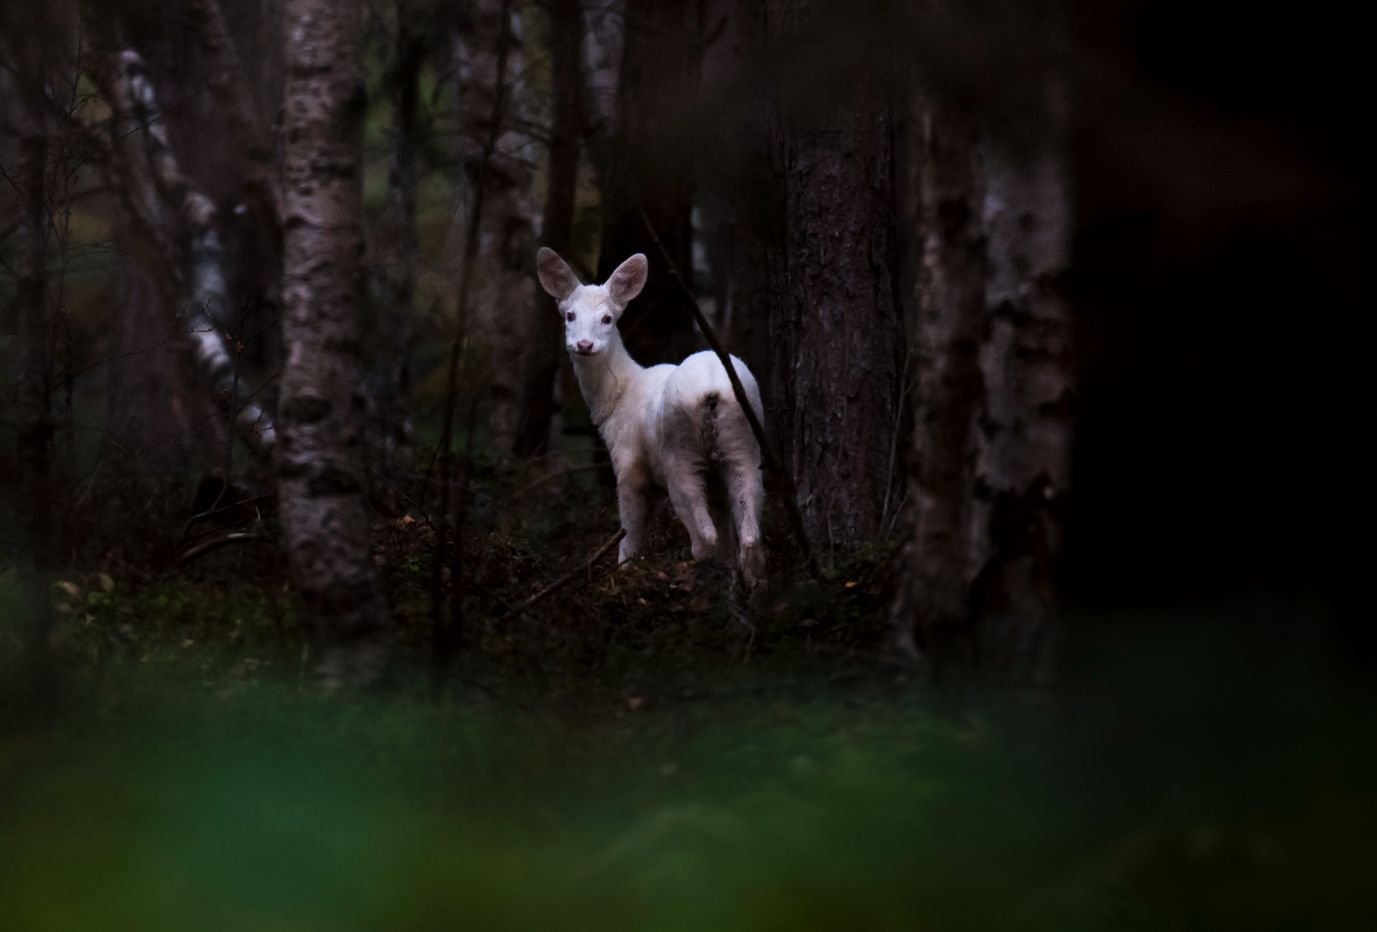 RÅTT: Albinorådyret stirrer tilsynelatende rett inn i kameralinsen til naturfotograf Even Agerup.